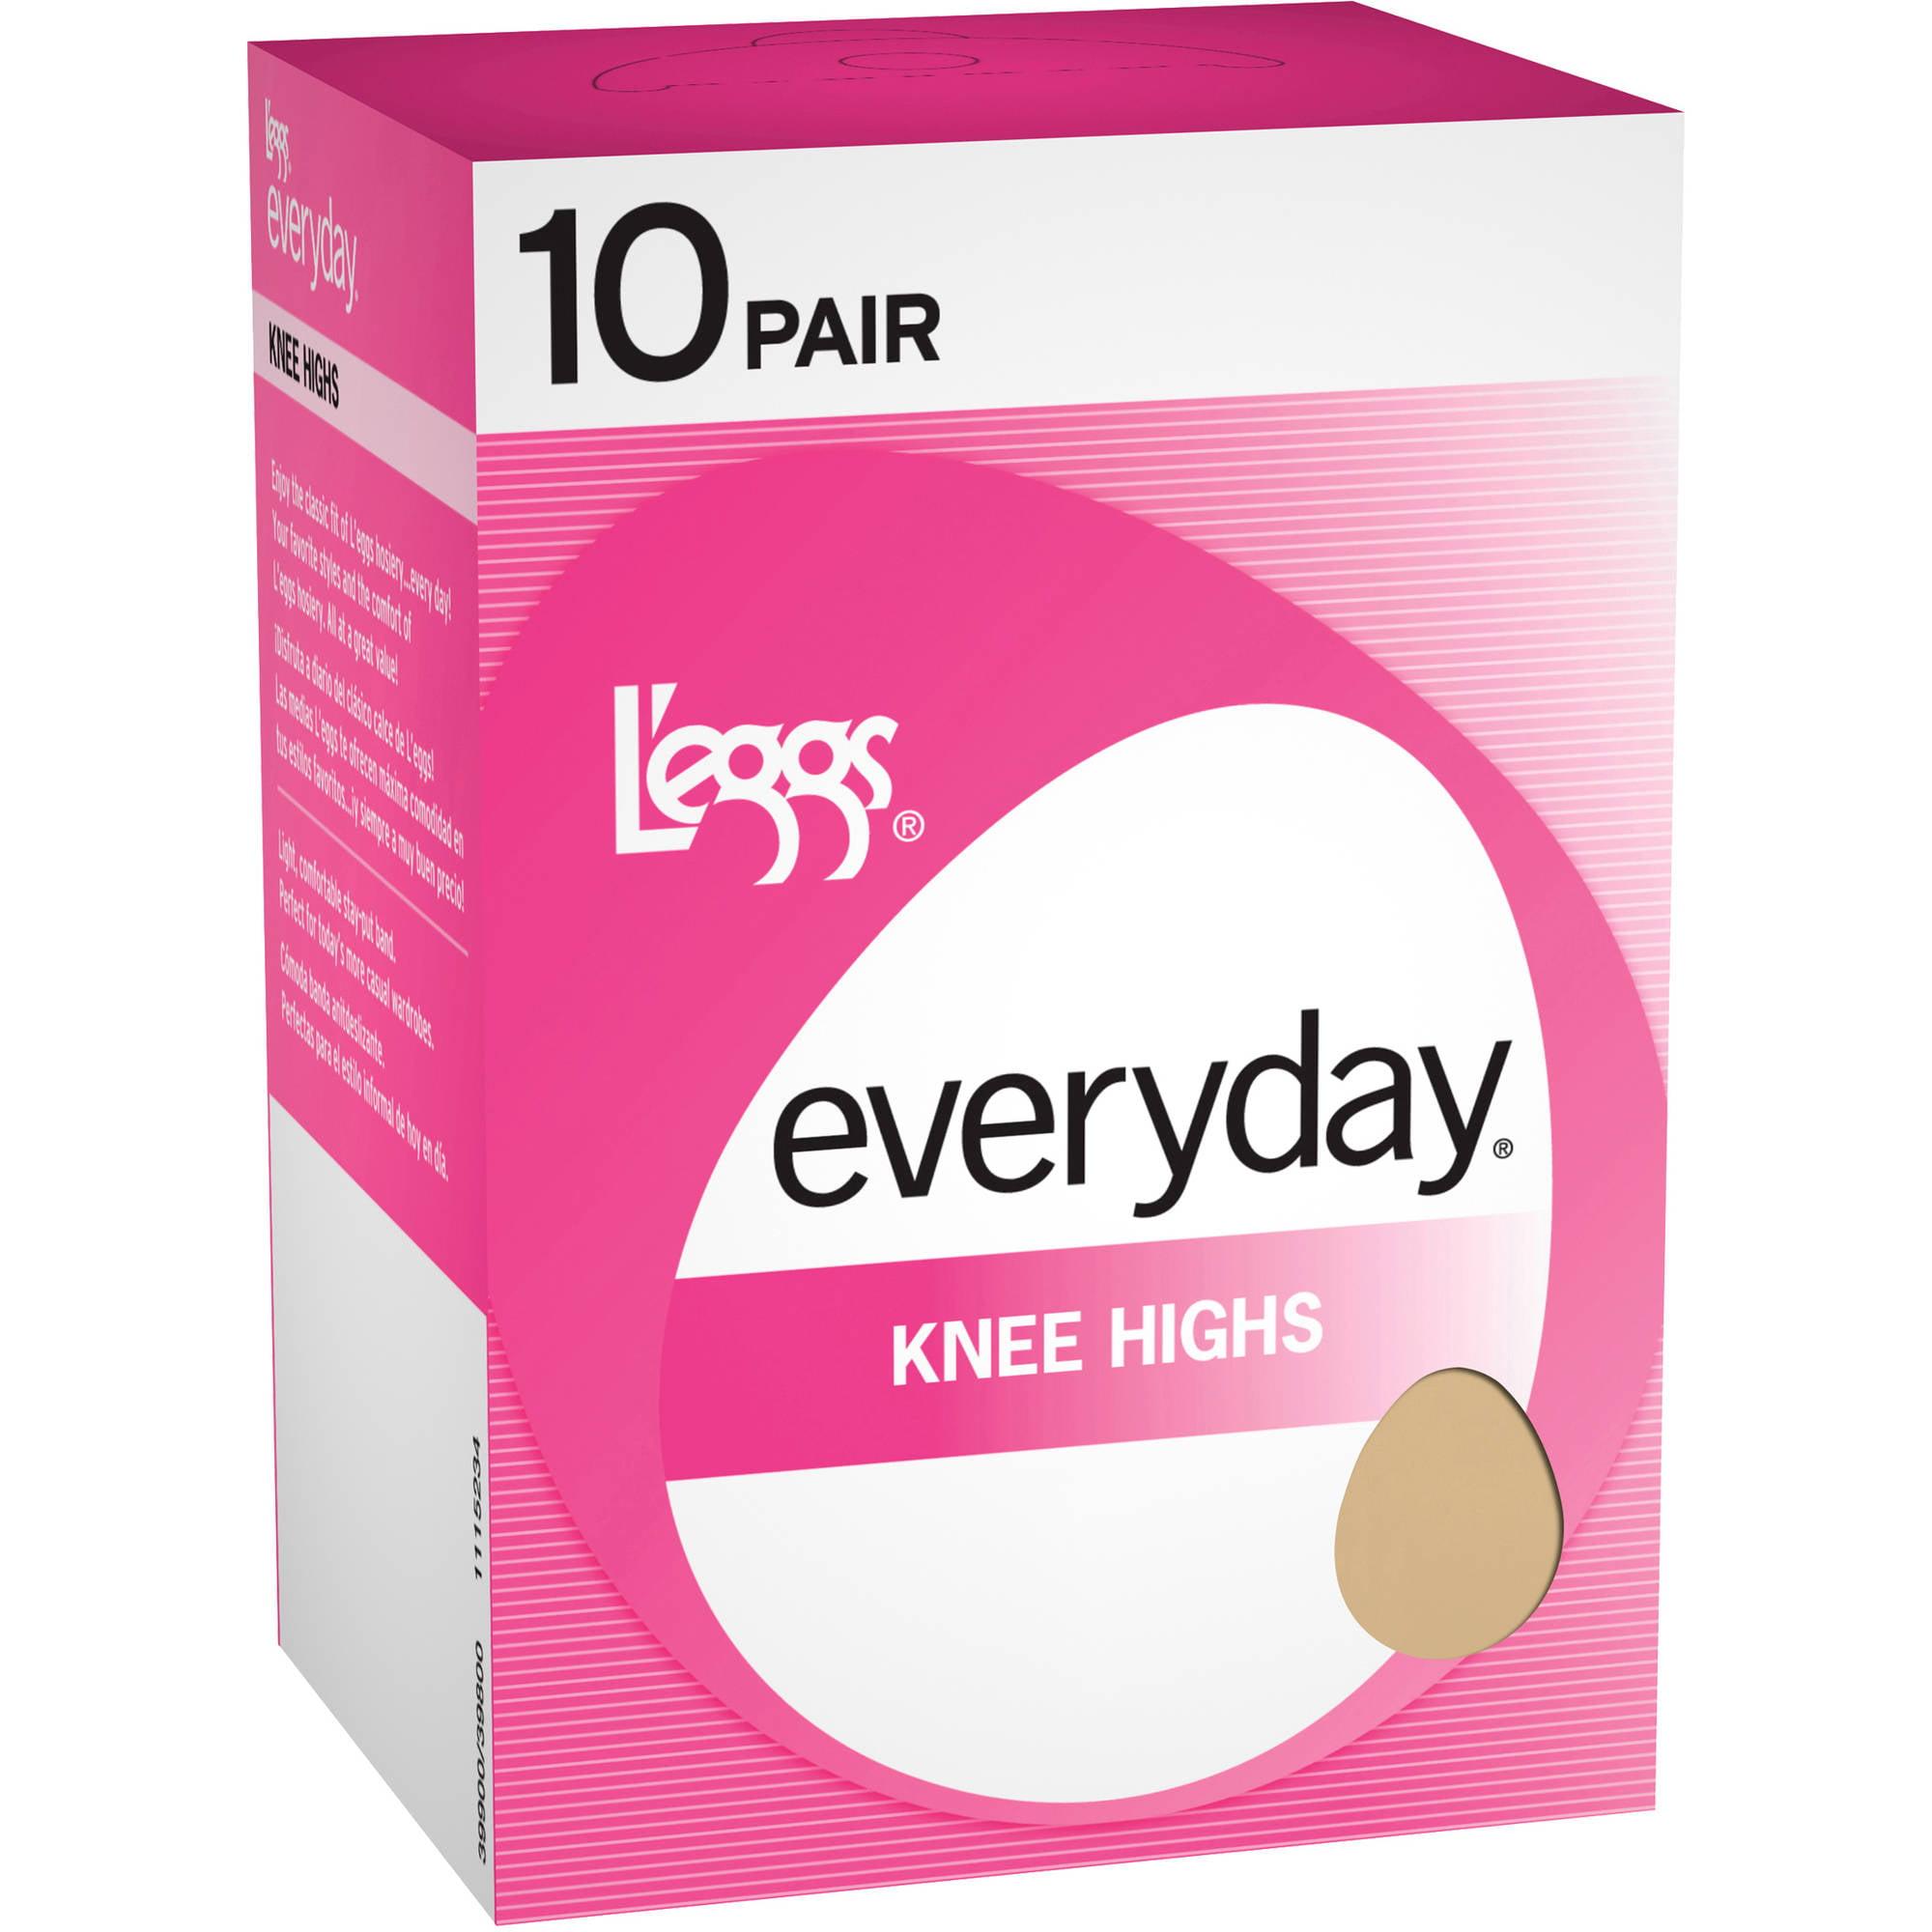 L'eggs - Women's Everyday Knee High Hosiery, 10-Pack